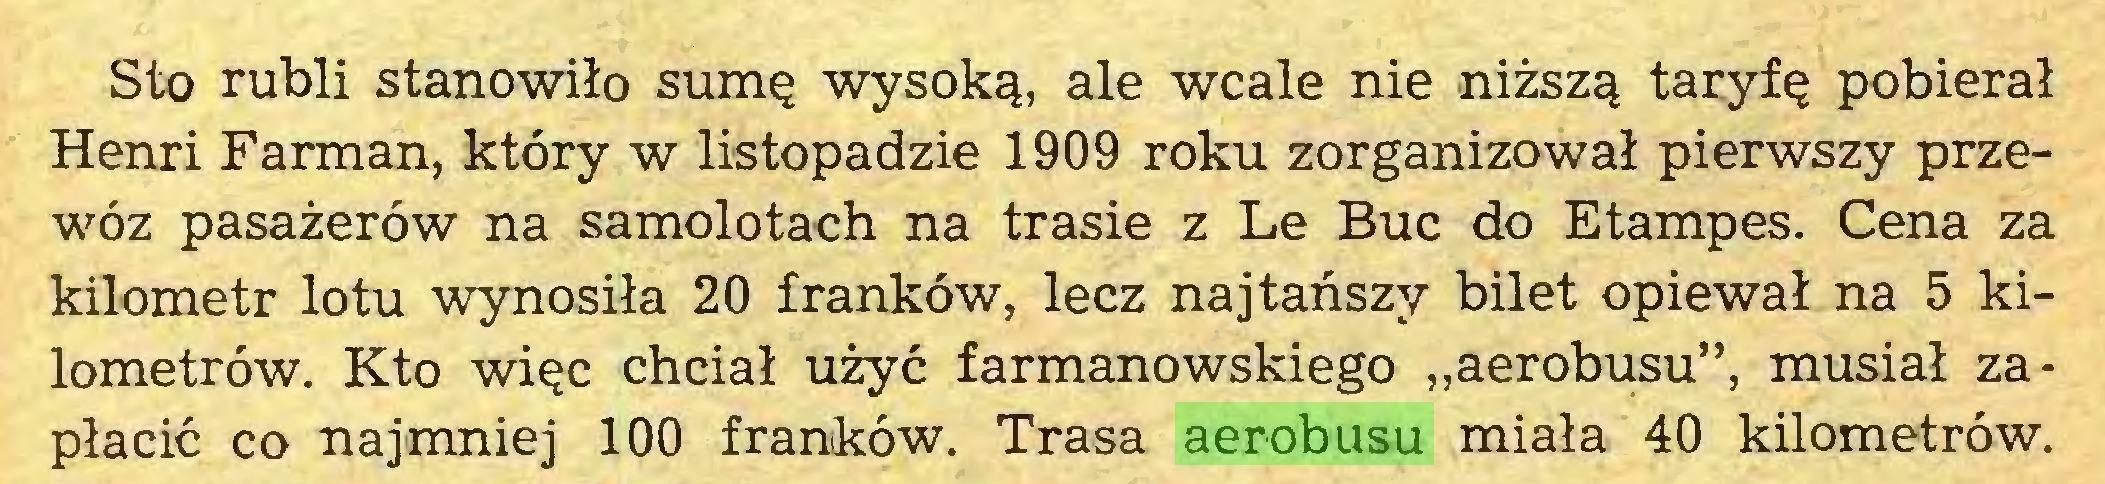 """(...) Sto rubli stanowiło sumę wysoką, ale wcale nie niższą taryfę pobierał Henri Farman, który w listopadzie 1909 roku zorganizował pierwszy przewóz pasażerów na samolotach na trasie z Le Buc do Etampes. Cena za kilometr lotu wynosiła 20 franków, lecz najtańszy bilet opiewał na 5 kilometrów. Kto więc chciał użyć farmanowskiego """"aerobusu"""", musiał zapłacić co najmniej 100 franków. Trasa aerobusu miała 40 kilometrów..."""